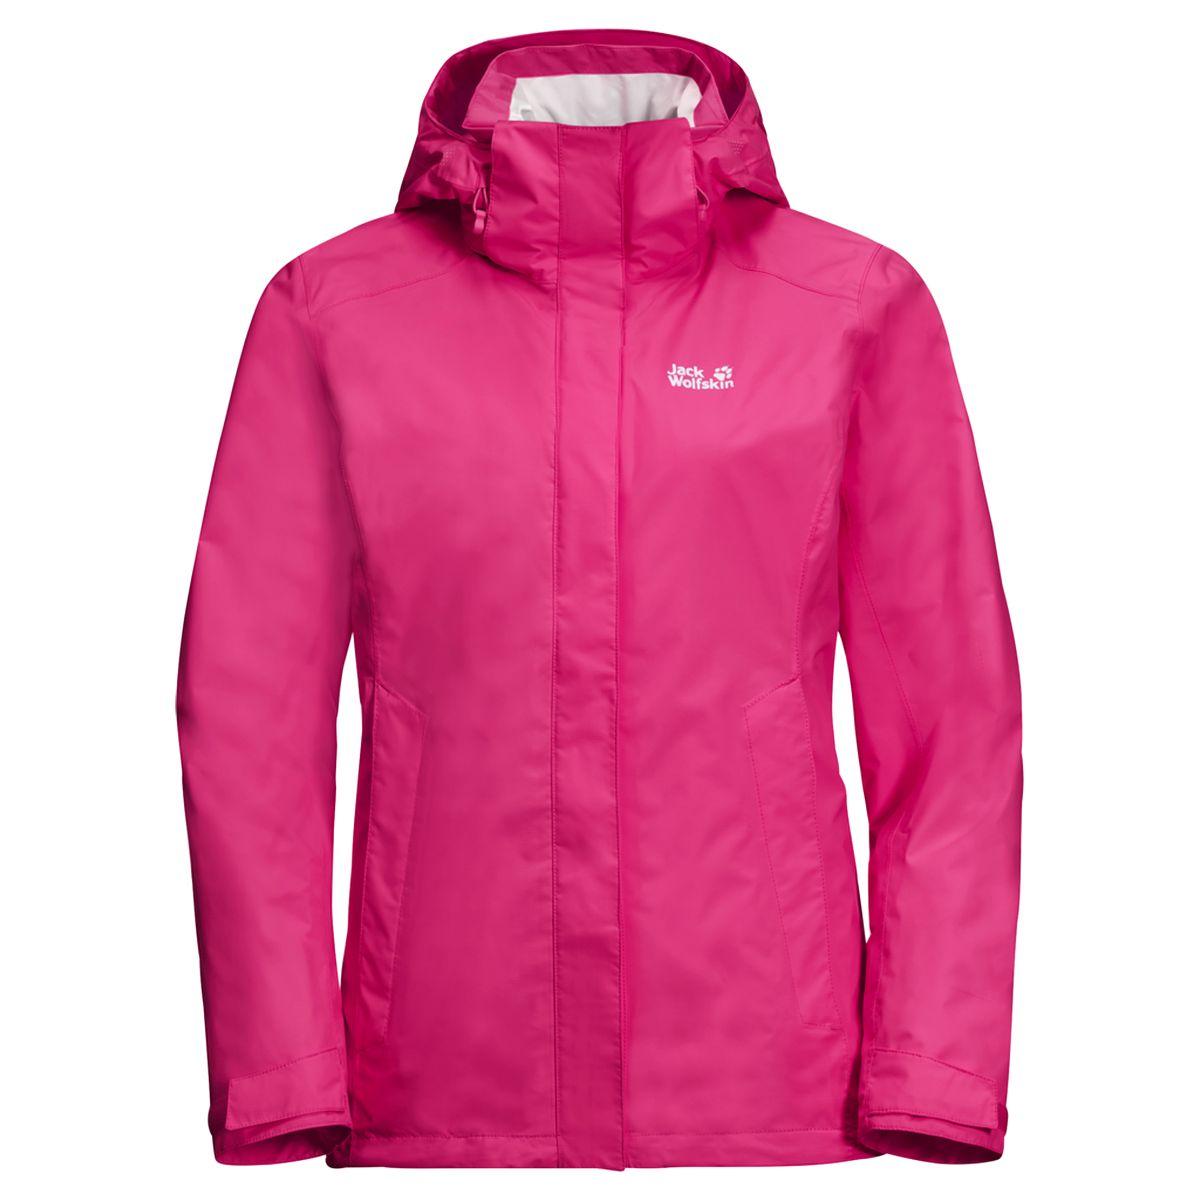 Куртка женская Jack Wolfskin Seven Lakes Jacket W, цвет: темно-розовый. 1108593-2010. Размер L (50)1108593-2010Низкие облака, и, кажется, собирается дождь... Это не помешает вам наслаждаться прогулкой. Потому что, если на вас куртка SEVEN LAKES JACKET (СЭВЕН ЛЭЙКС ДЖЭКЕТ), вы знаете, что не промокнете. Это одна из самых легких водостойких и дышащих курток для хайкинга в нашей коллекции. И у нее есть еще масса других практичных свойств. К примеру, системная застежка-молния, которая позволяет превратить ее в зимнюю куртку; или регулируемый капюшон, который при необходимости можно отстегнуть. А когда снова засияет солнце и куртка будет больше не нужна, ее можно очень компактно сложить. Она весит всего несколько сотен граммов, поэтому вы почти не заметите ее в своем рюкзаке. В холодные зимние дни просто состегните ее с теплой внутренней курткой. Системная застежка-молния — это очень просто.